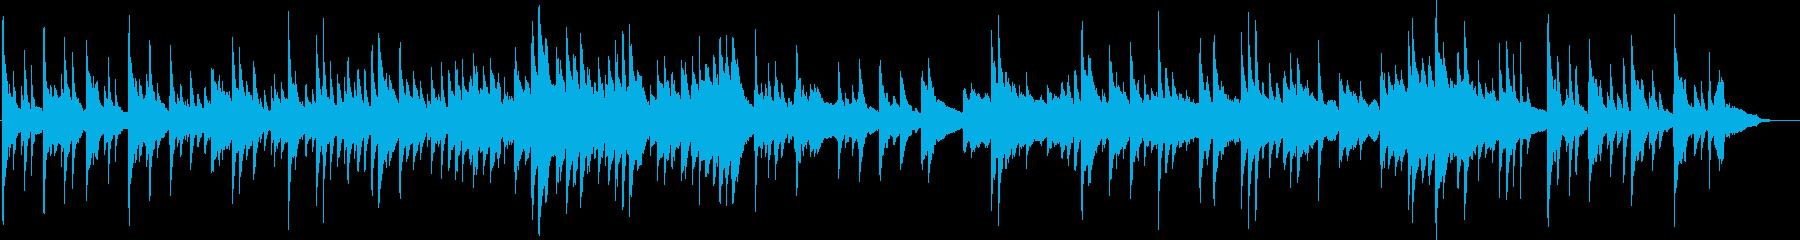 企業VP、映像などに最適なピアノBGM2の再生済みの波形